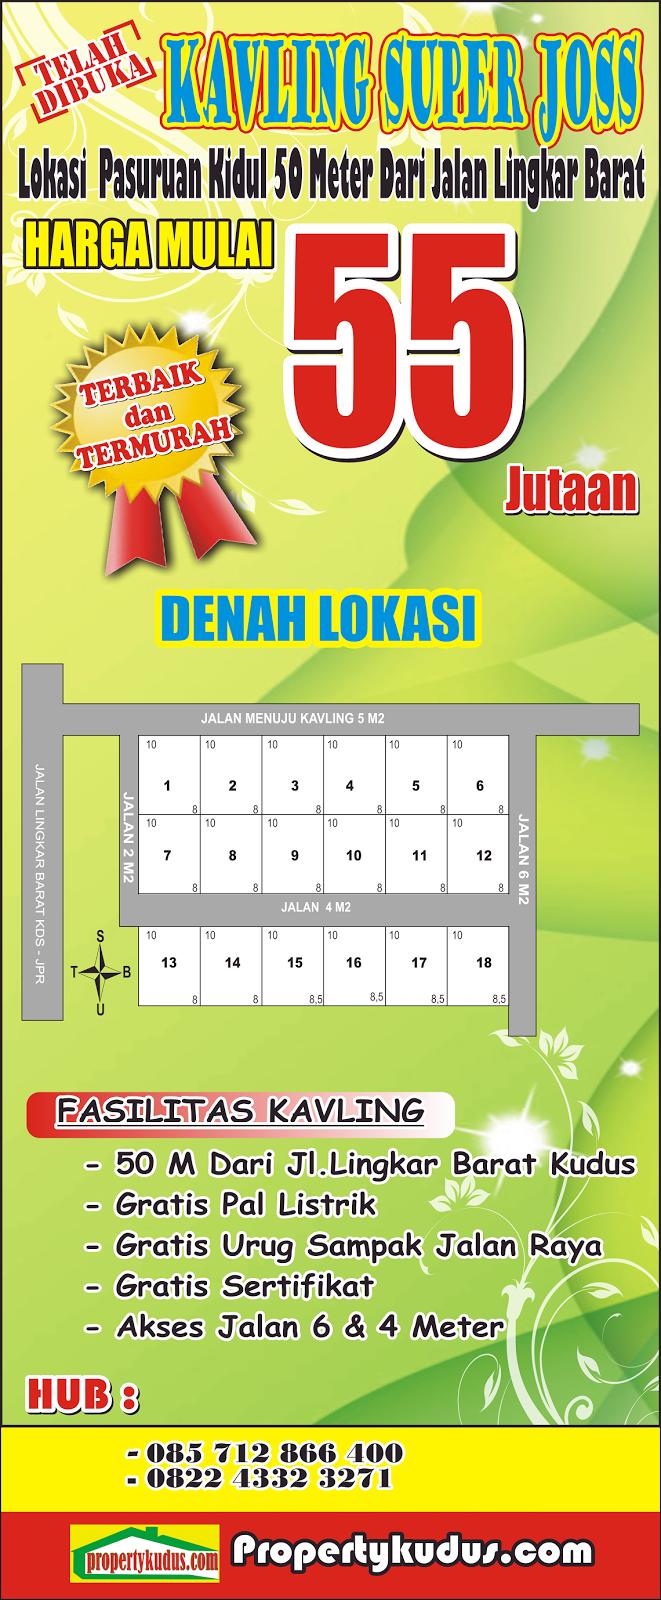 http://www.propertykudus.com/2015/06/kavling-pasuruan-kidul-50m-dari.html